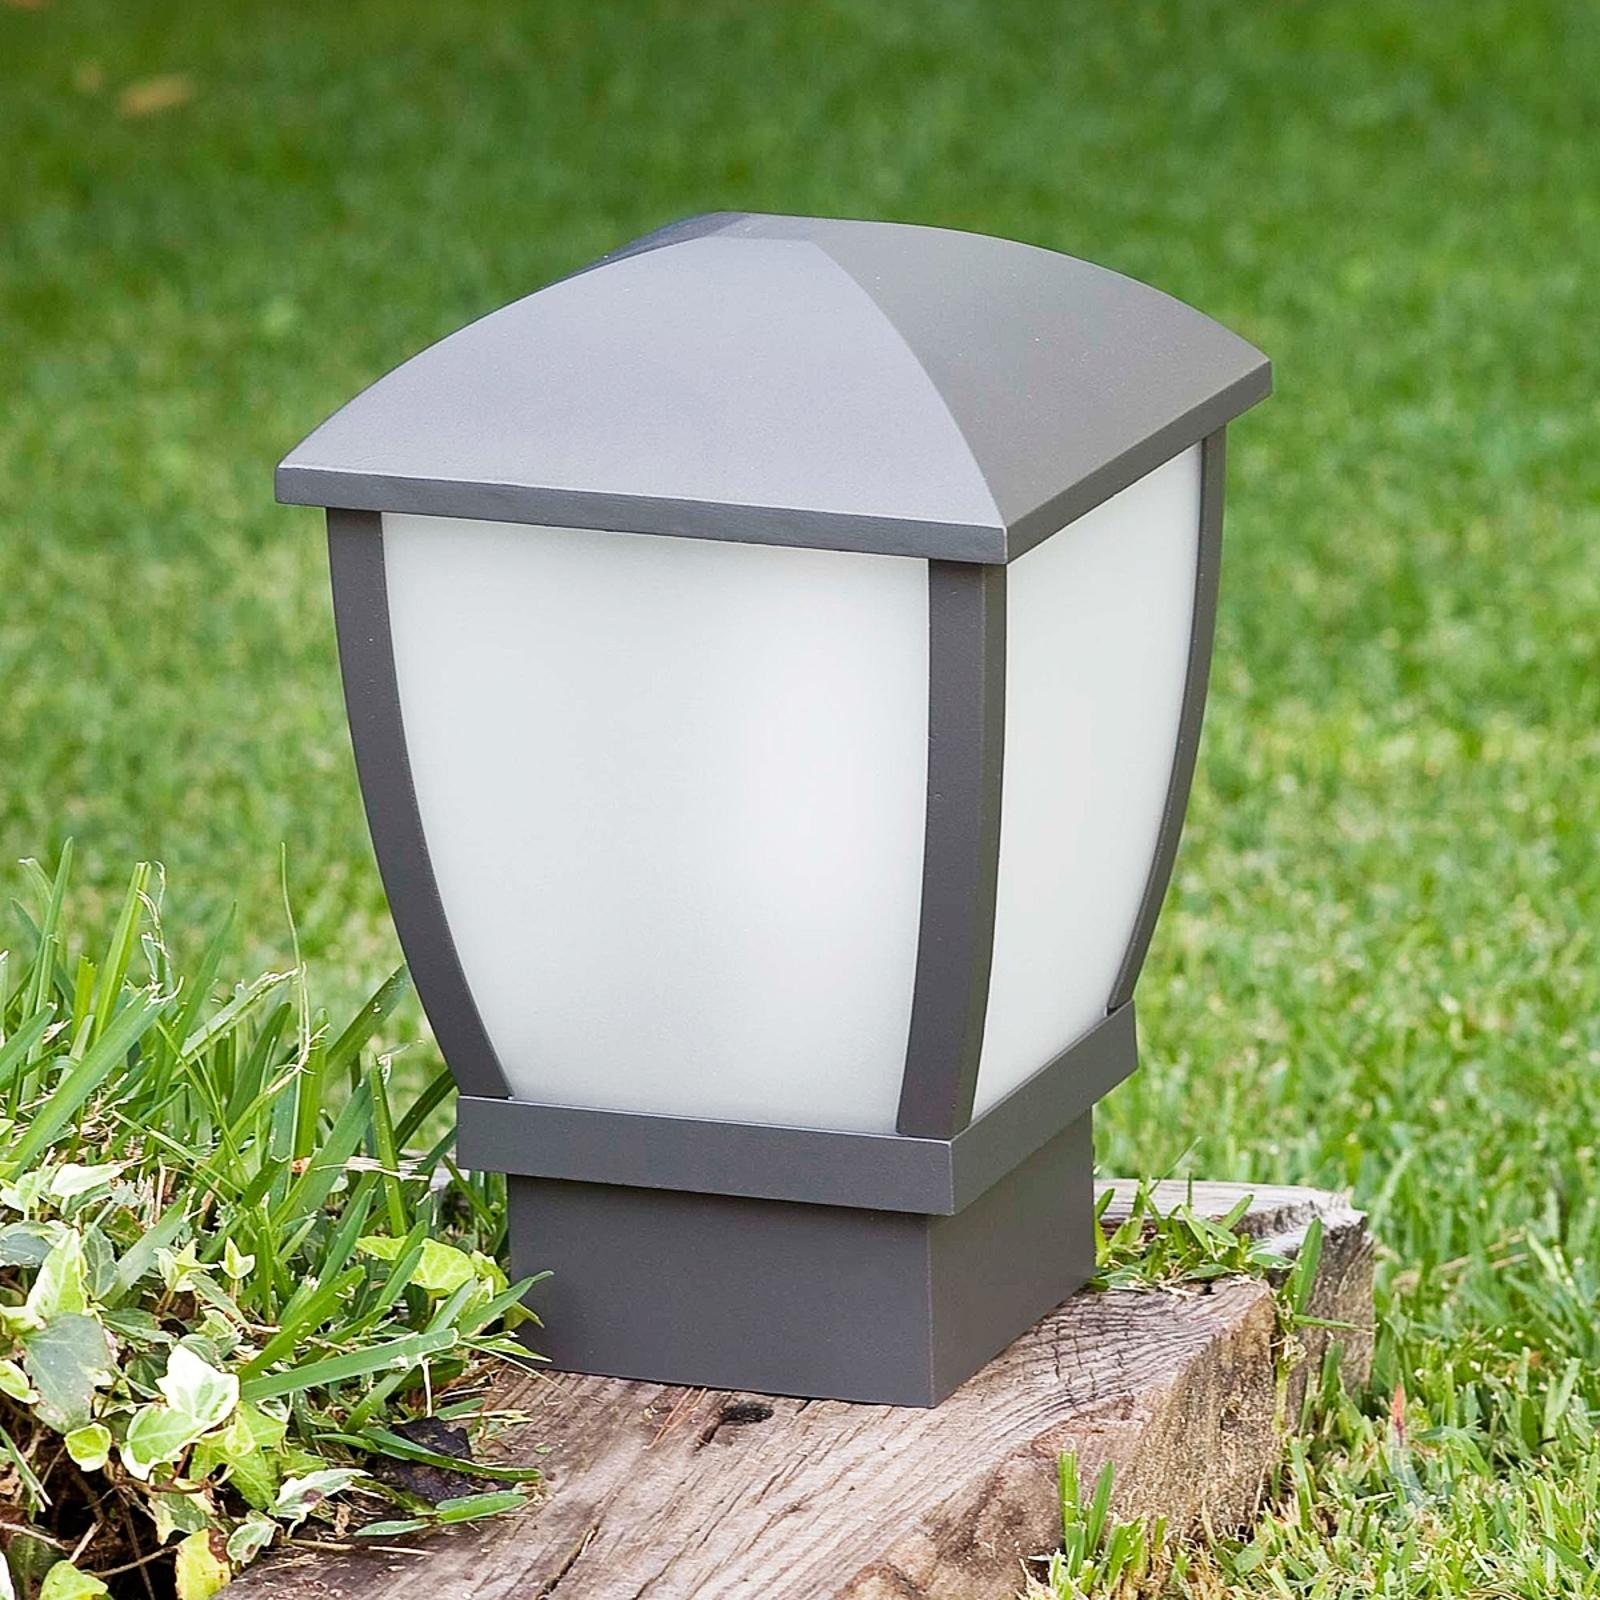 Mini Wilma - Plot lumineux pr ampoule basse conso.